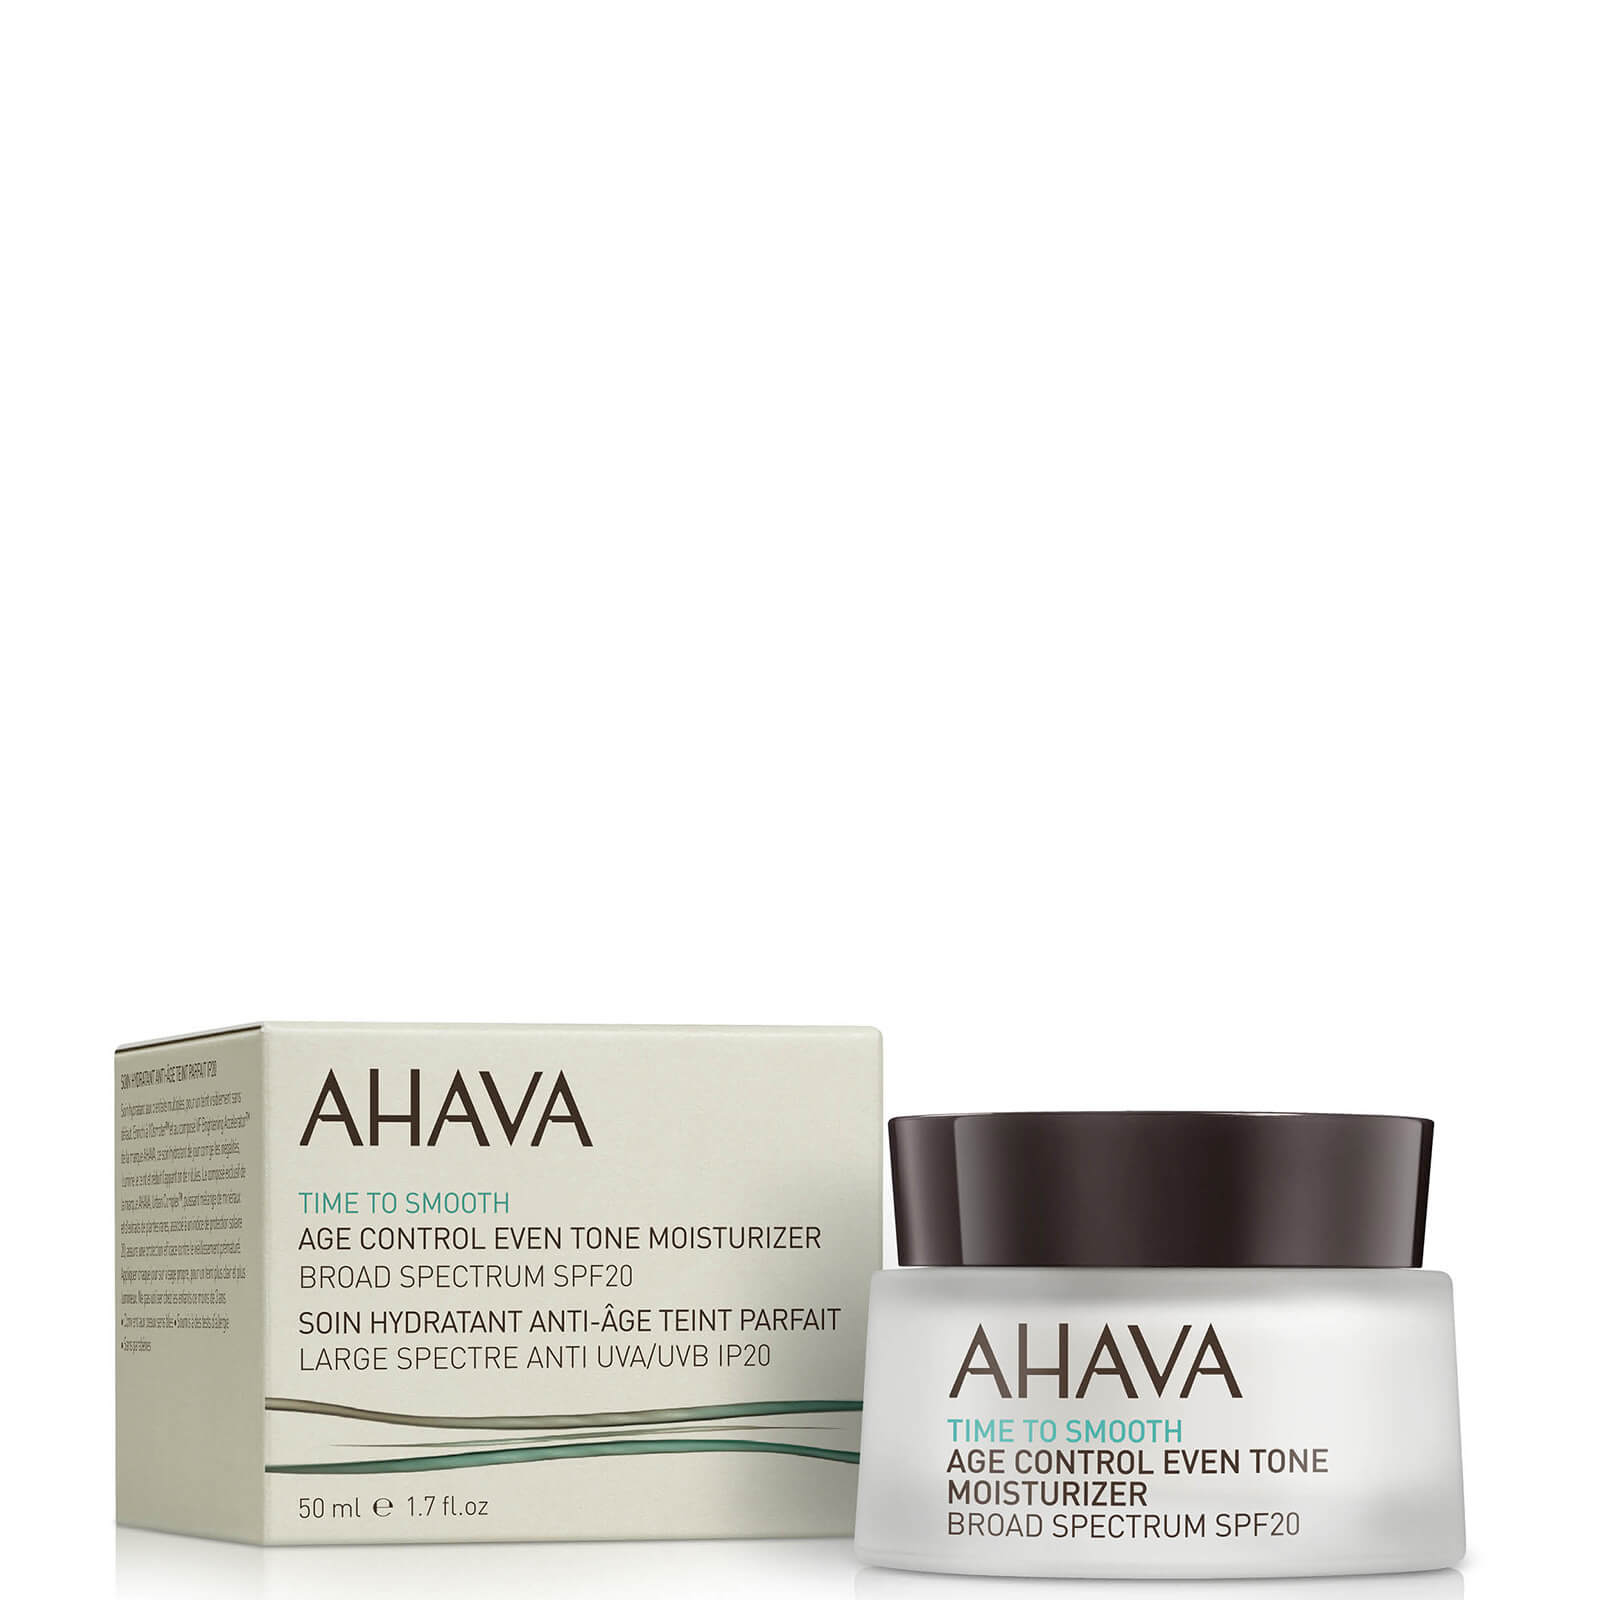 Купить Антивозрастной, увлажняющий крем с солнцезащитным фактором SPF 20 AHAVA Age Control Even Tone Moisturizer SPF 20 50 мл